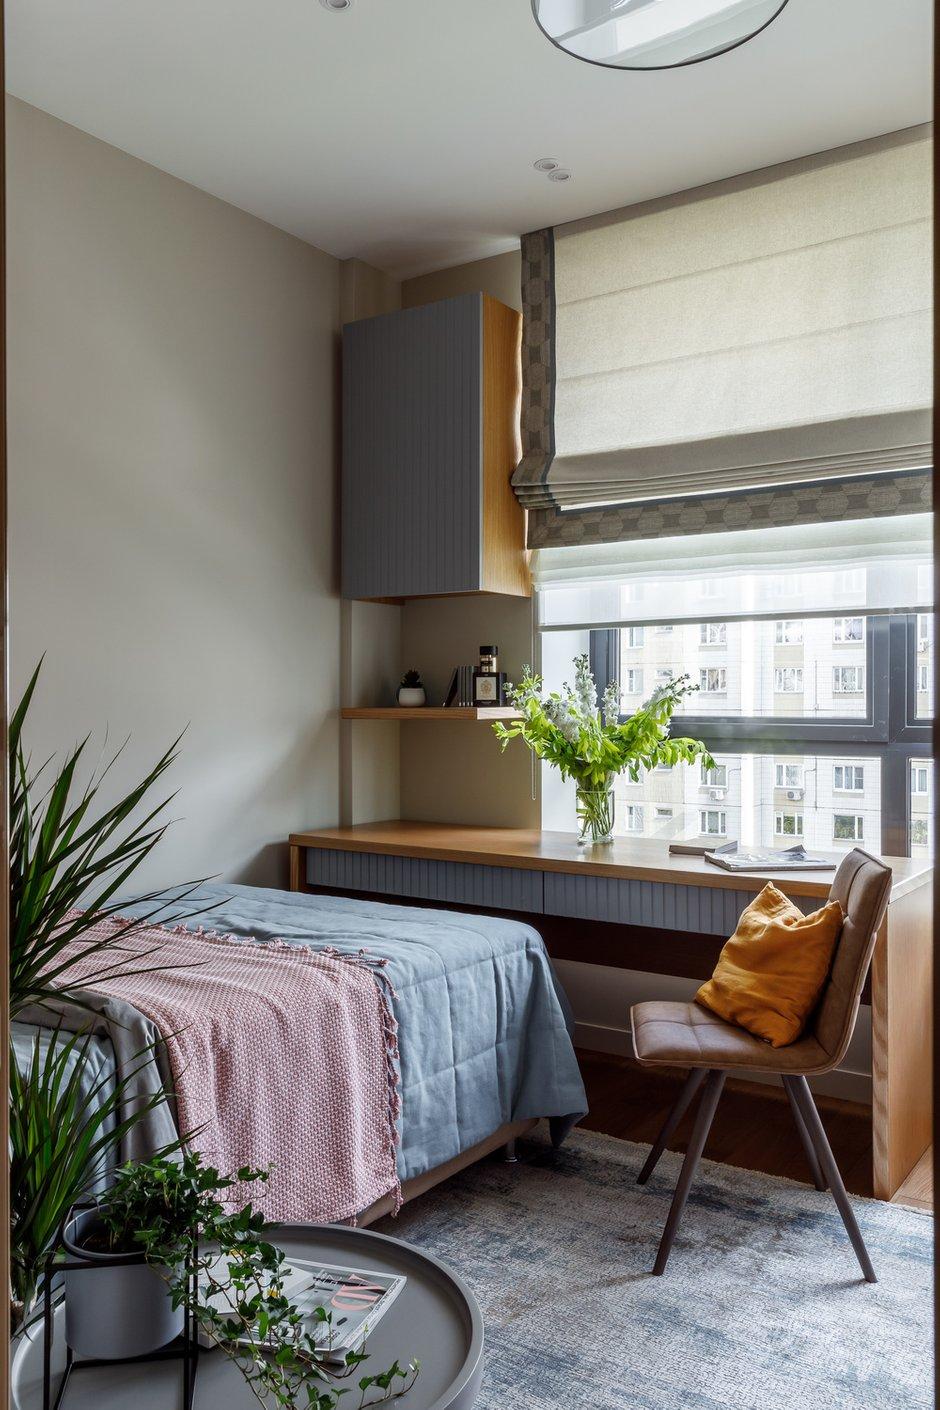 Фотография: Детская в стиле Современный, Квартира, Проект недели, Москва, 3 комнаты, 60-90 метров, Мариям Тагиева – фото на INMYROOM